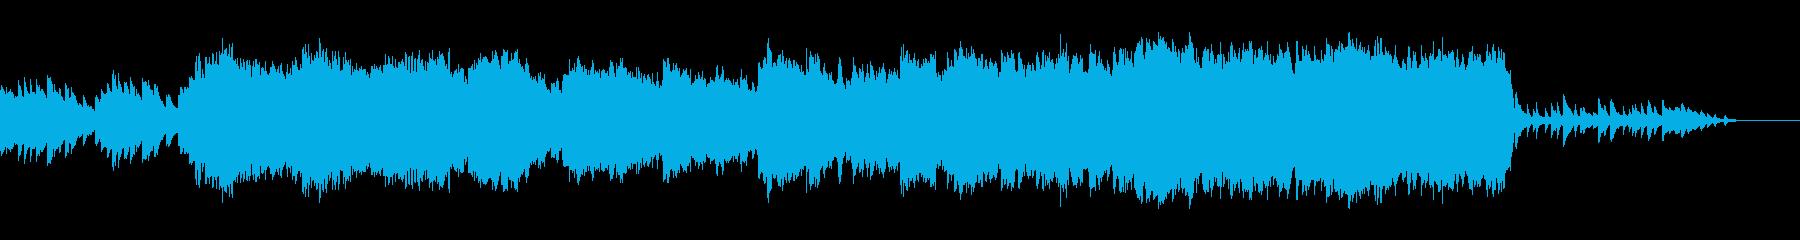 悲壮感のあるタイトル画面向きBGMの再生済みの波形